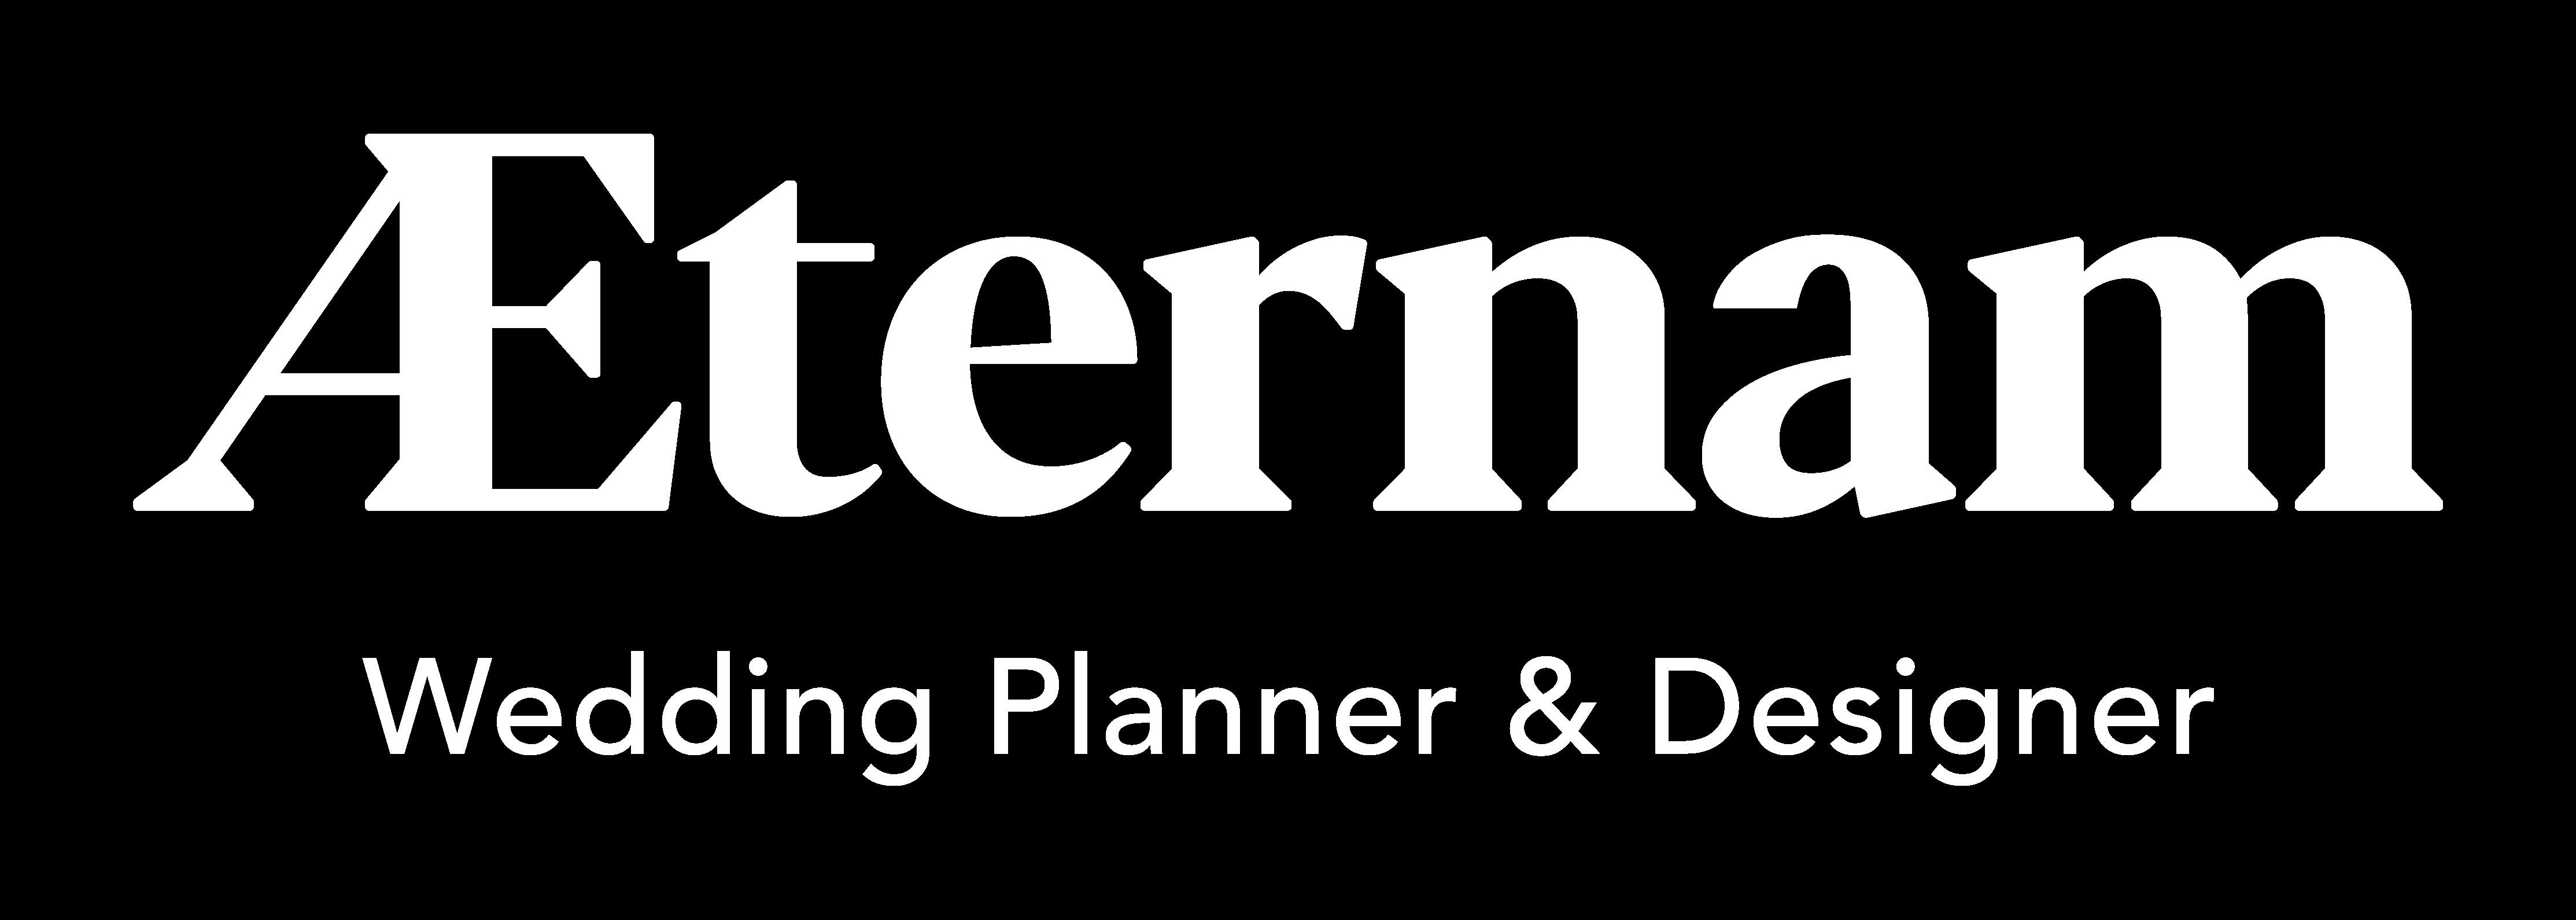 Æternam